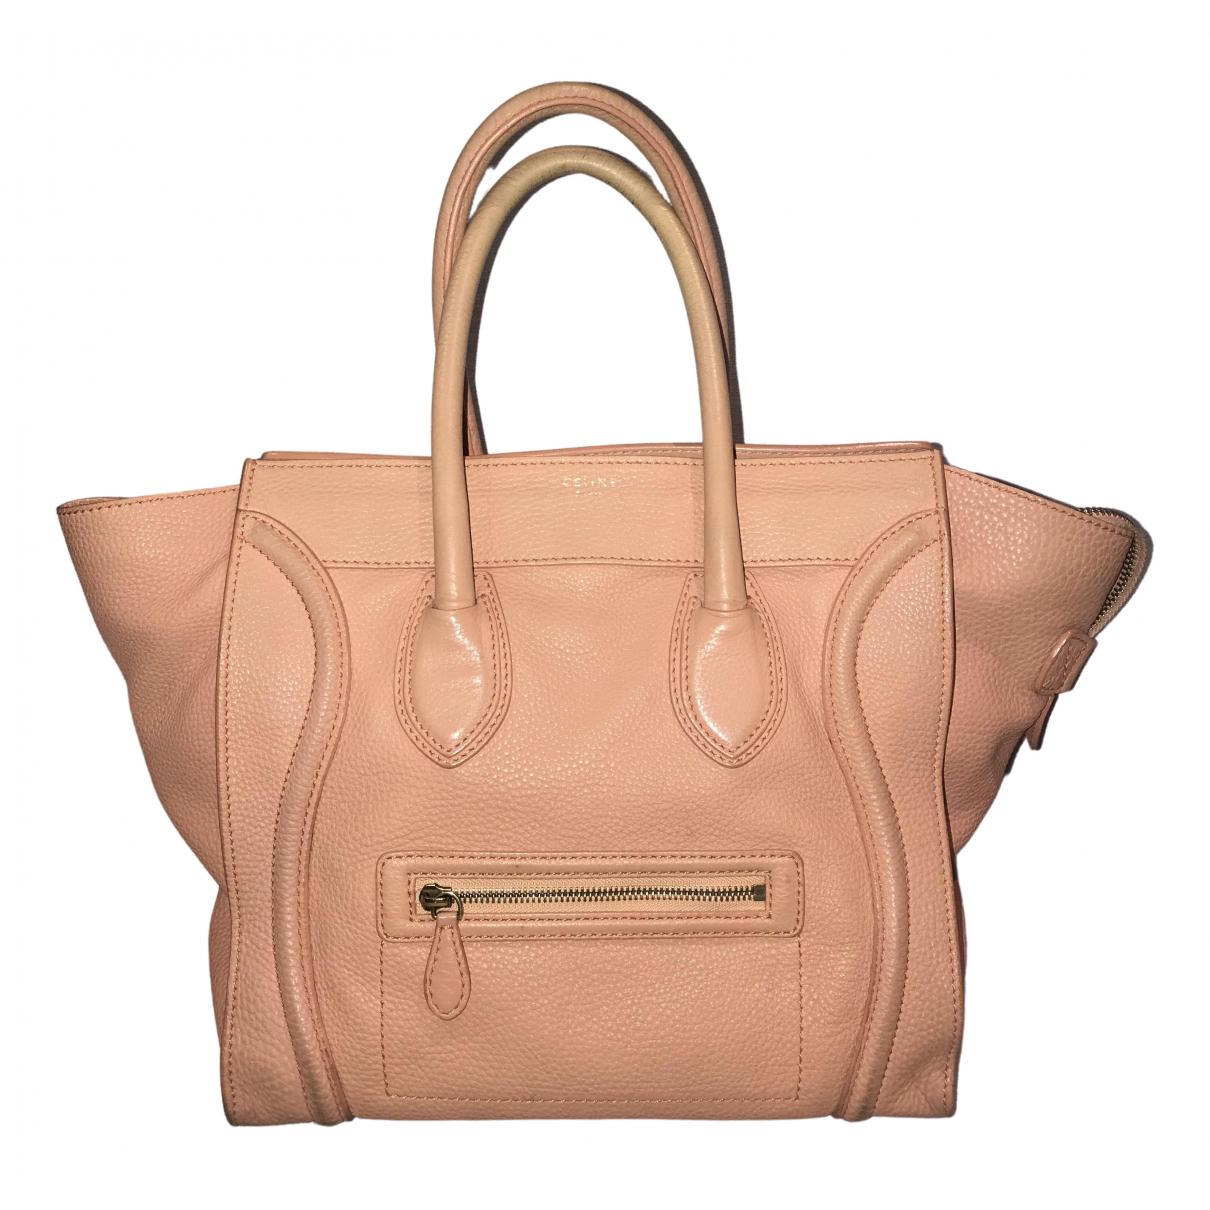 Celine Luggage Pink Leather handbag for Women \N